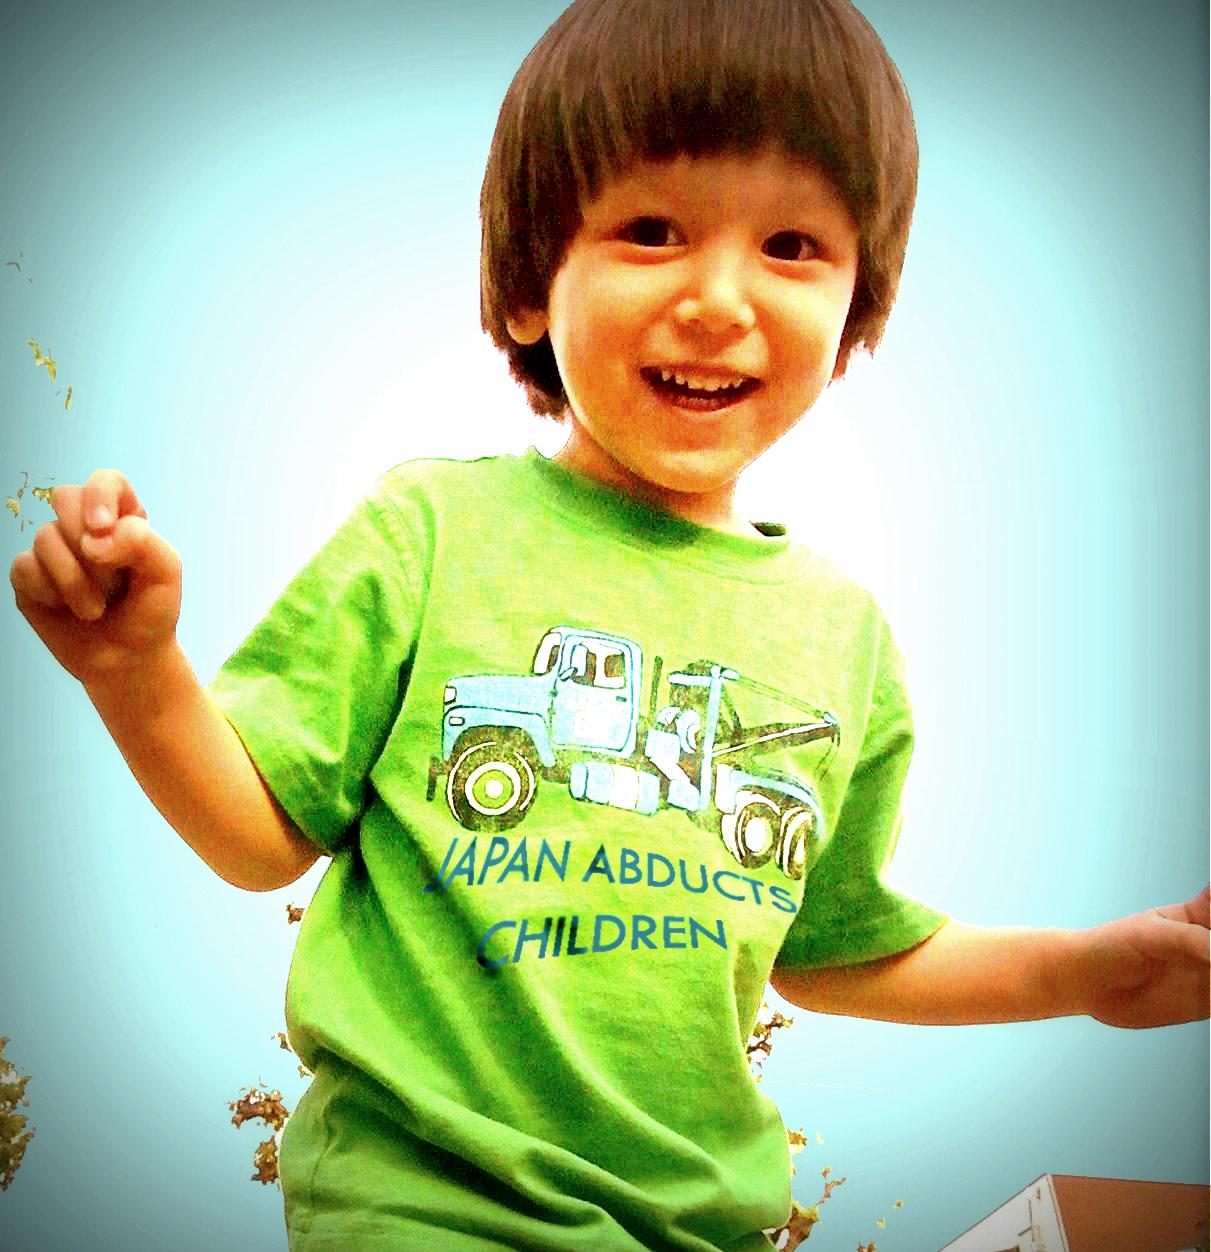 Japan Abducts Children...